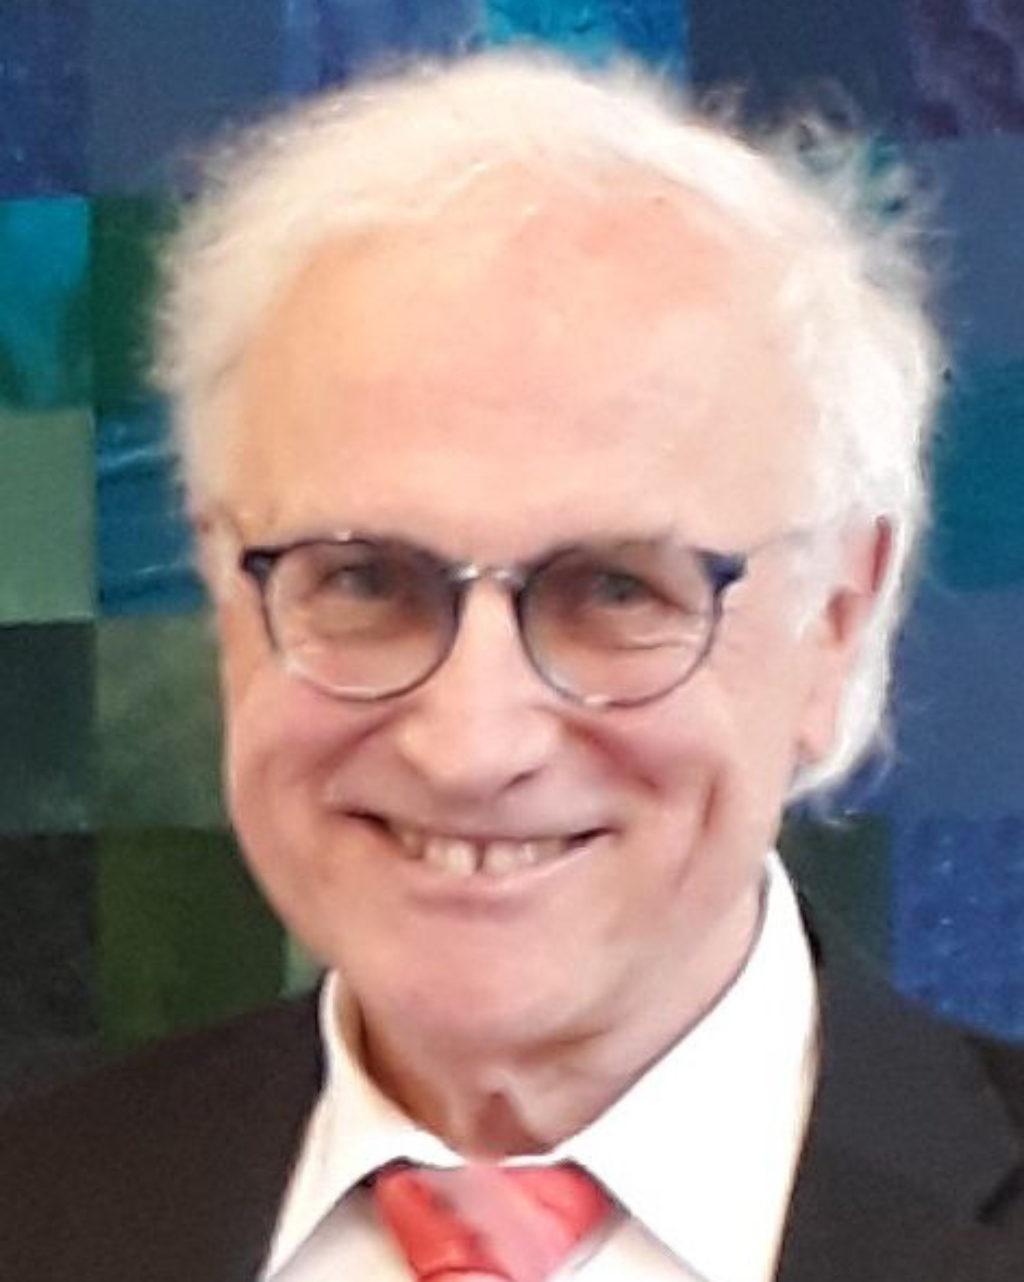 HolgerKraft